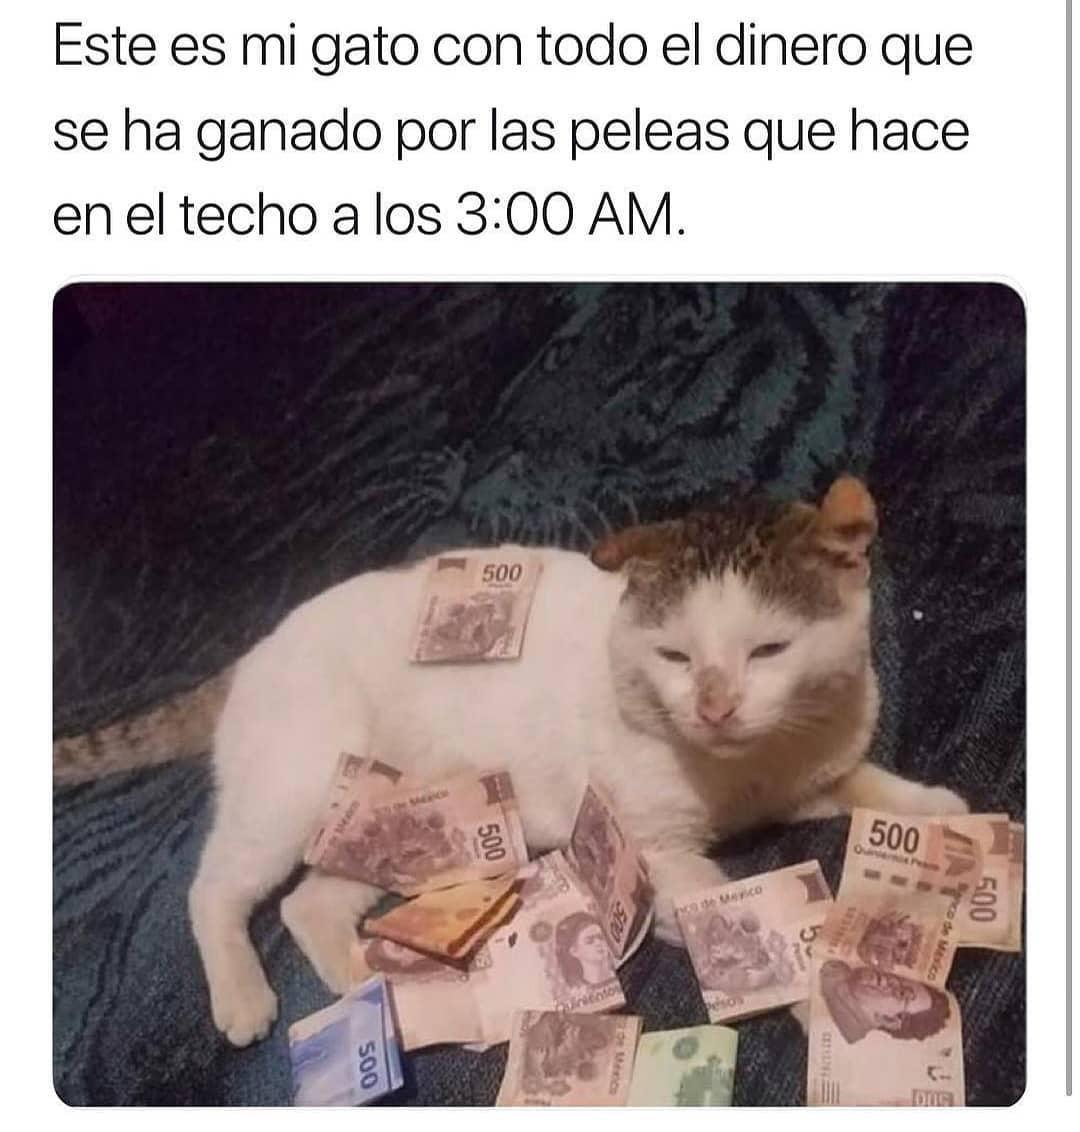 Este es mi gato con todo el dinero que se ha ganado por las peleas que hace en el techo a los 3:00 AM